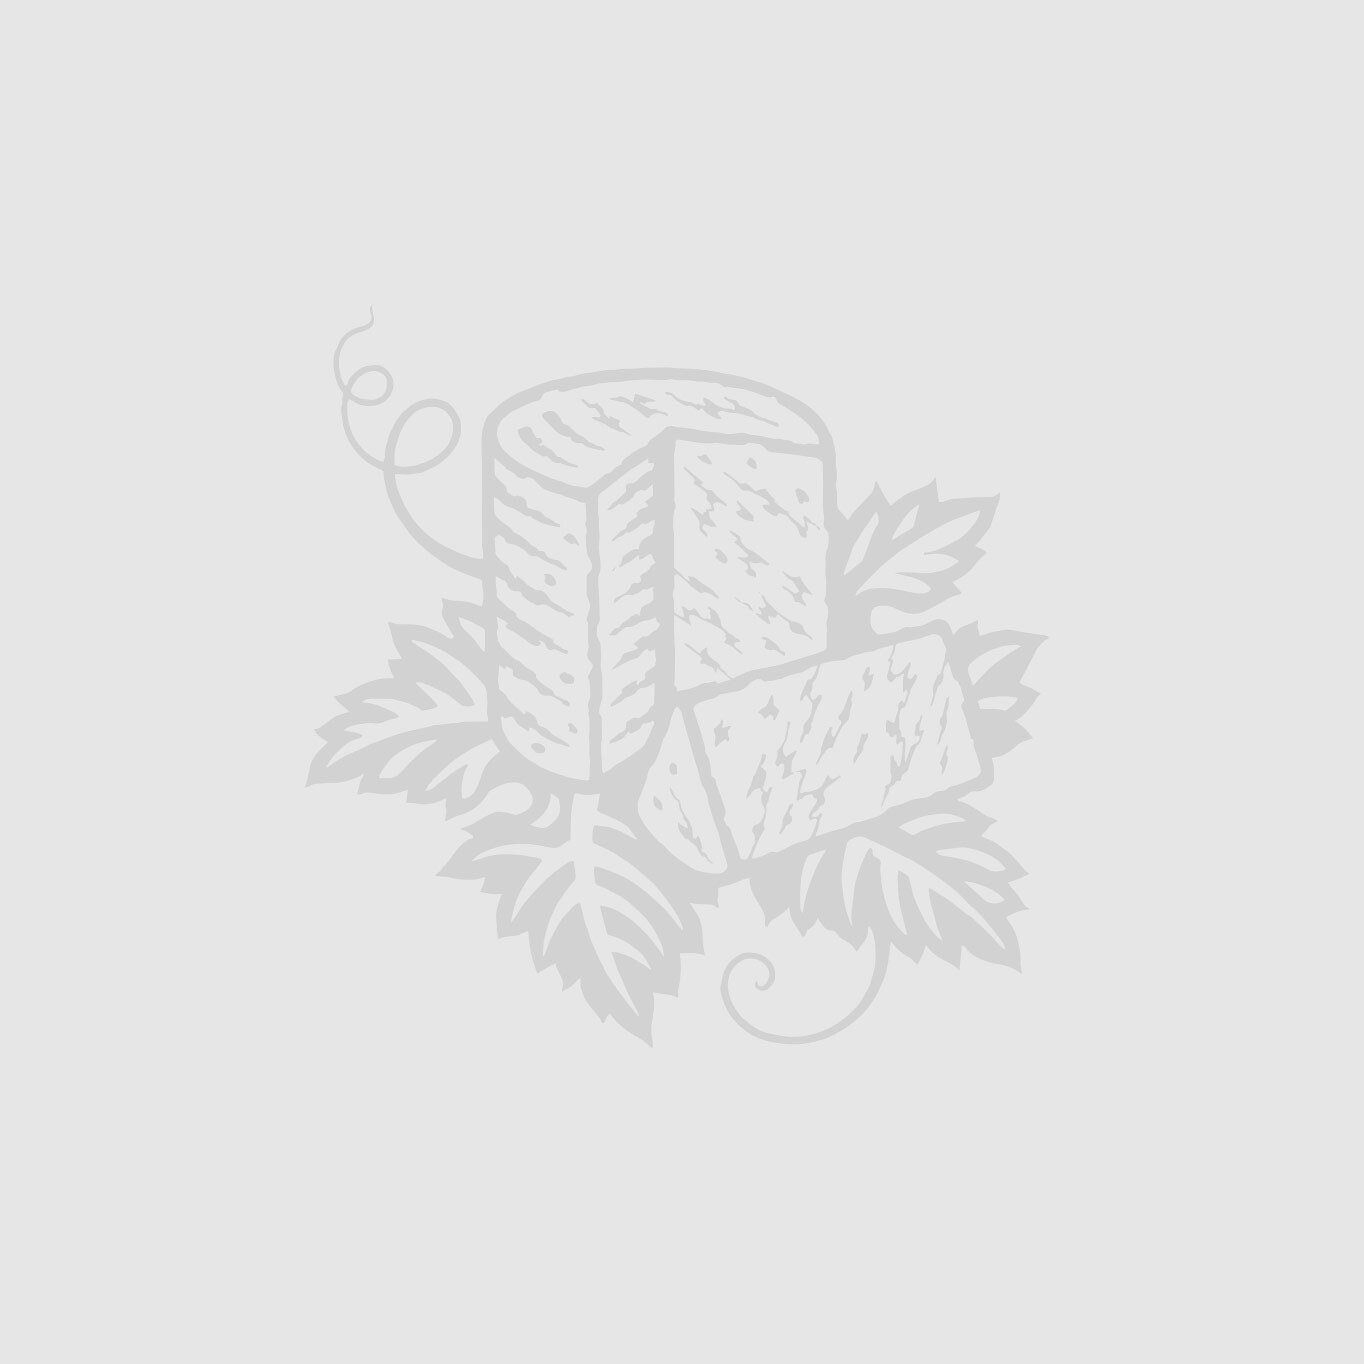 Chablis Premier Cru 'Fourneaux' Domaine Gautheron 2018